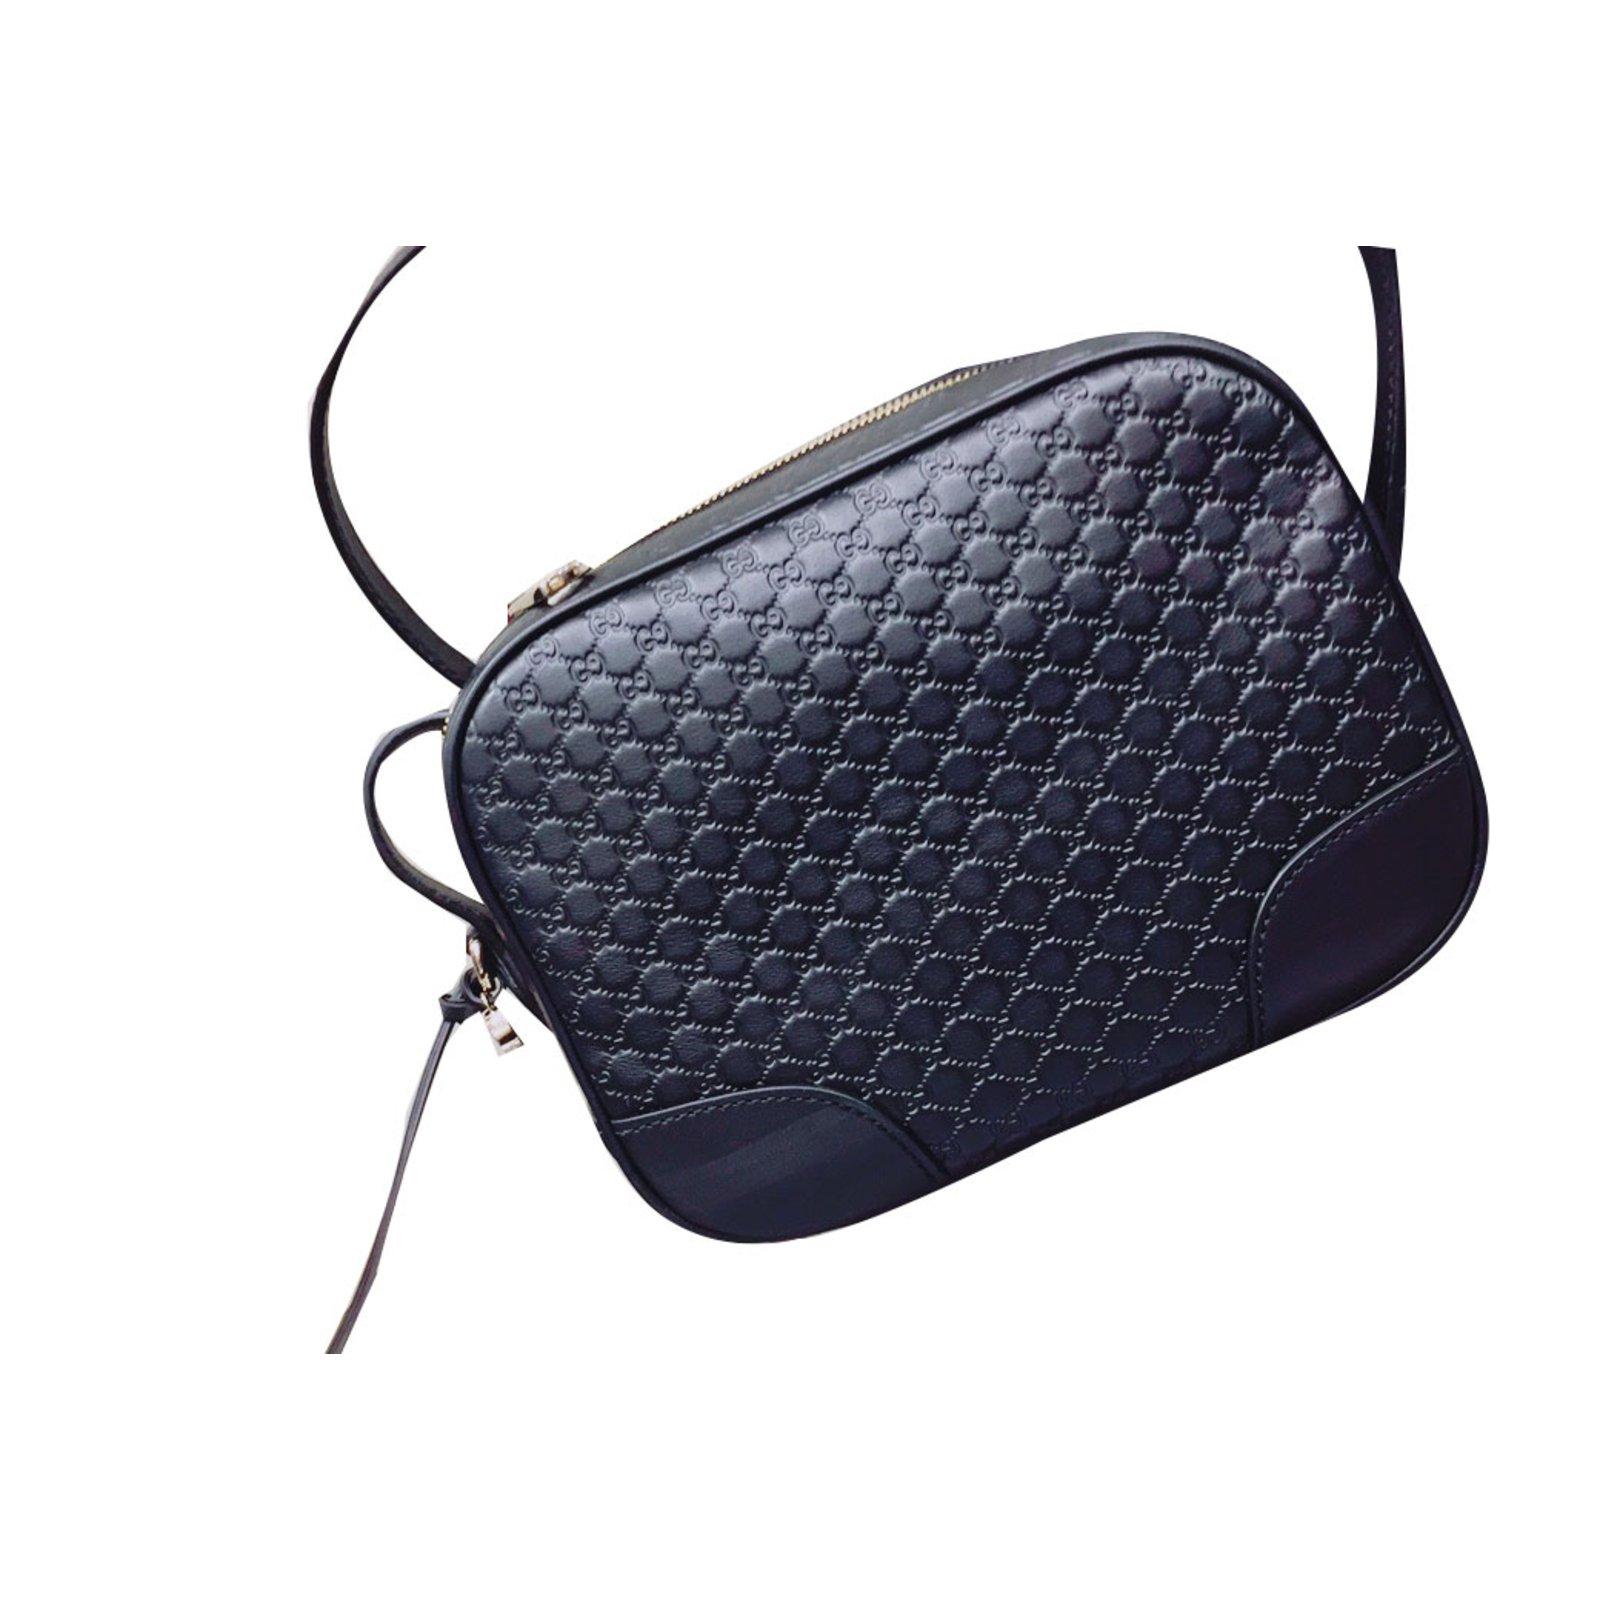 Gucci Camera Bag Clutch Bags Leather Black Ref 53172